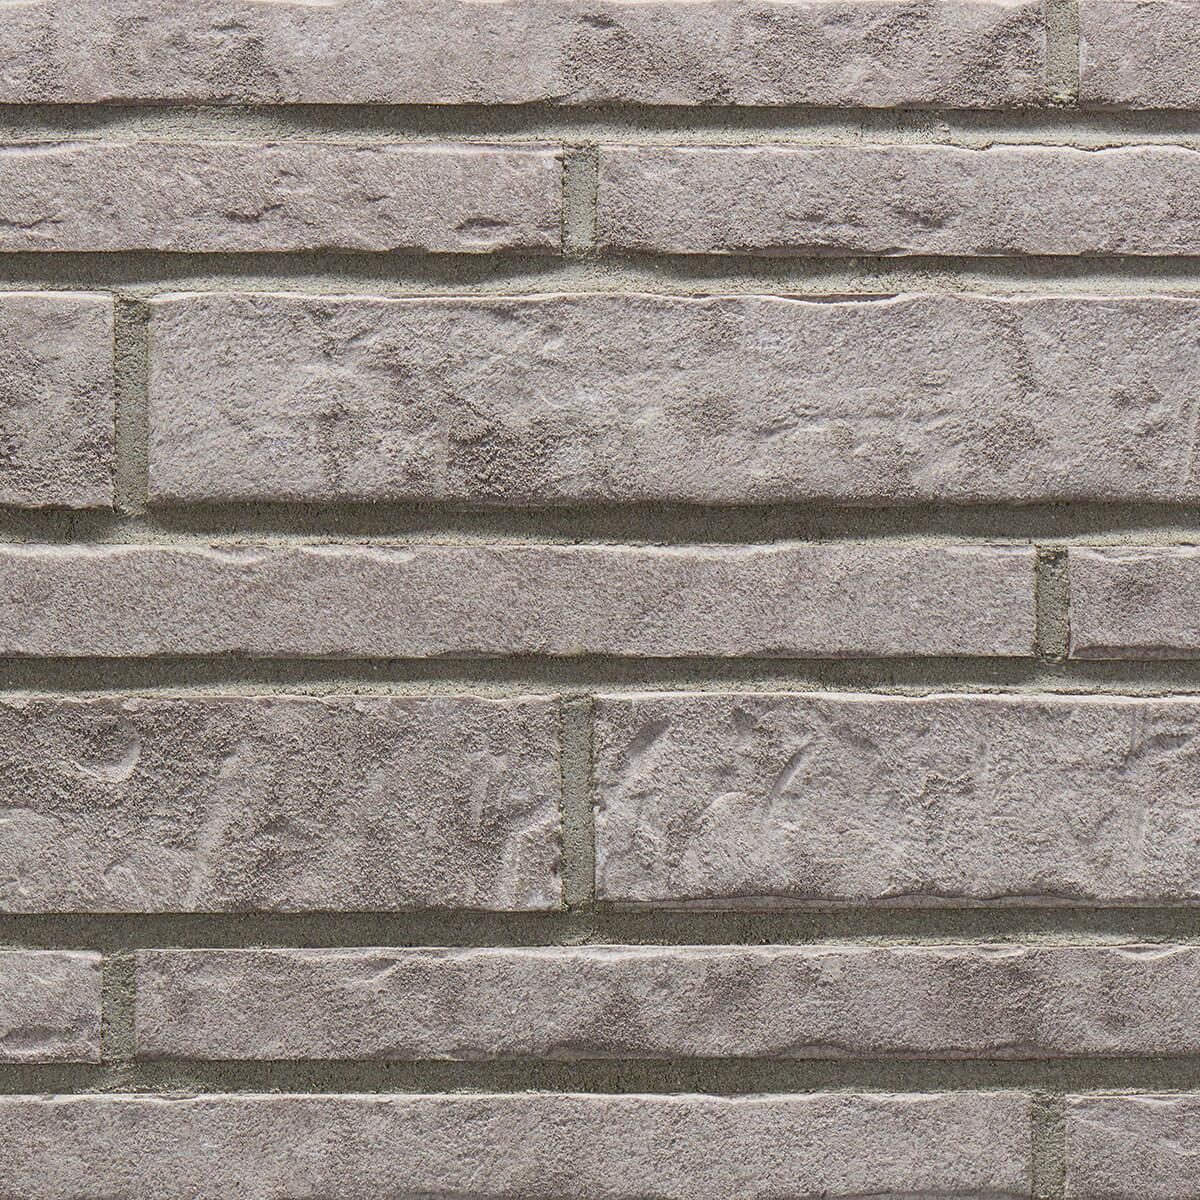 KLAY_Tiles_Facades - KLAY_KBS-SZE-2083-1